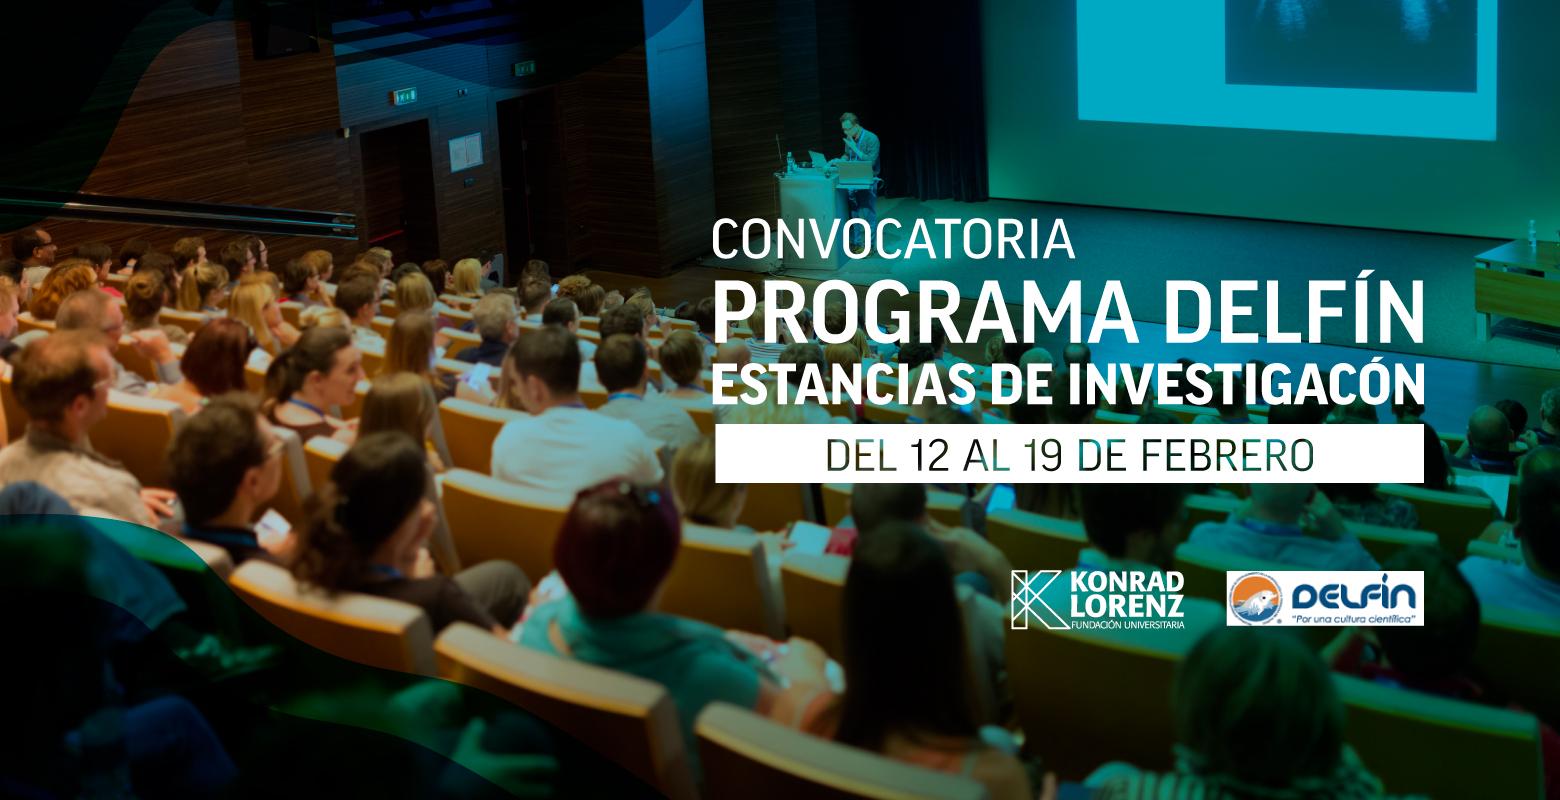 Convocatoria Estudiantes Konradistas: Estancias Investigación y Desarrollo Tecnológico